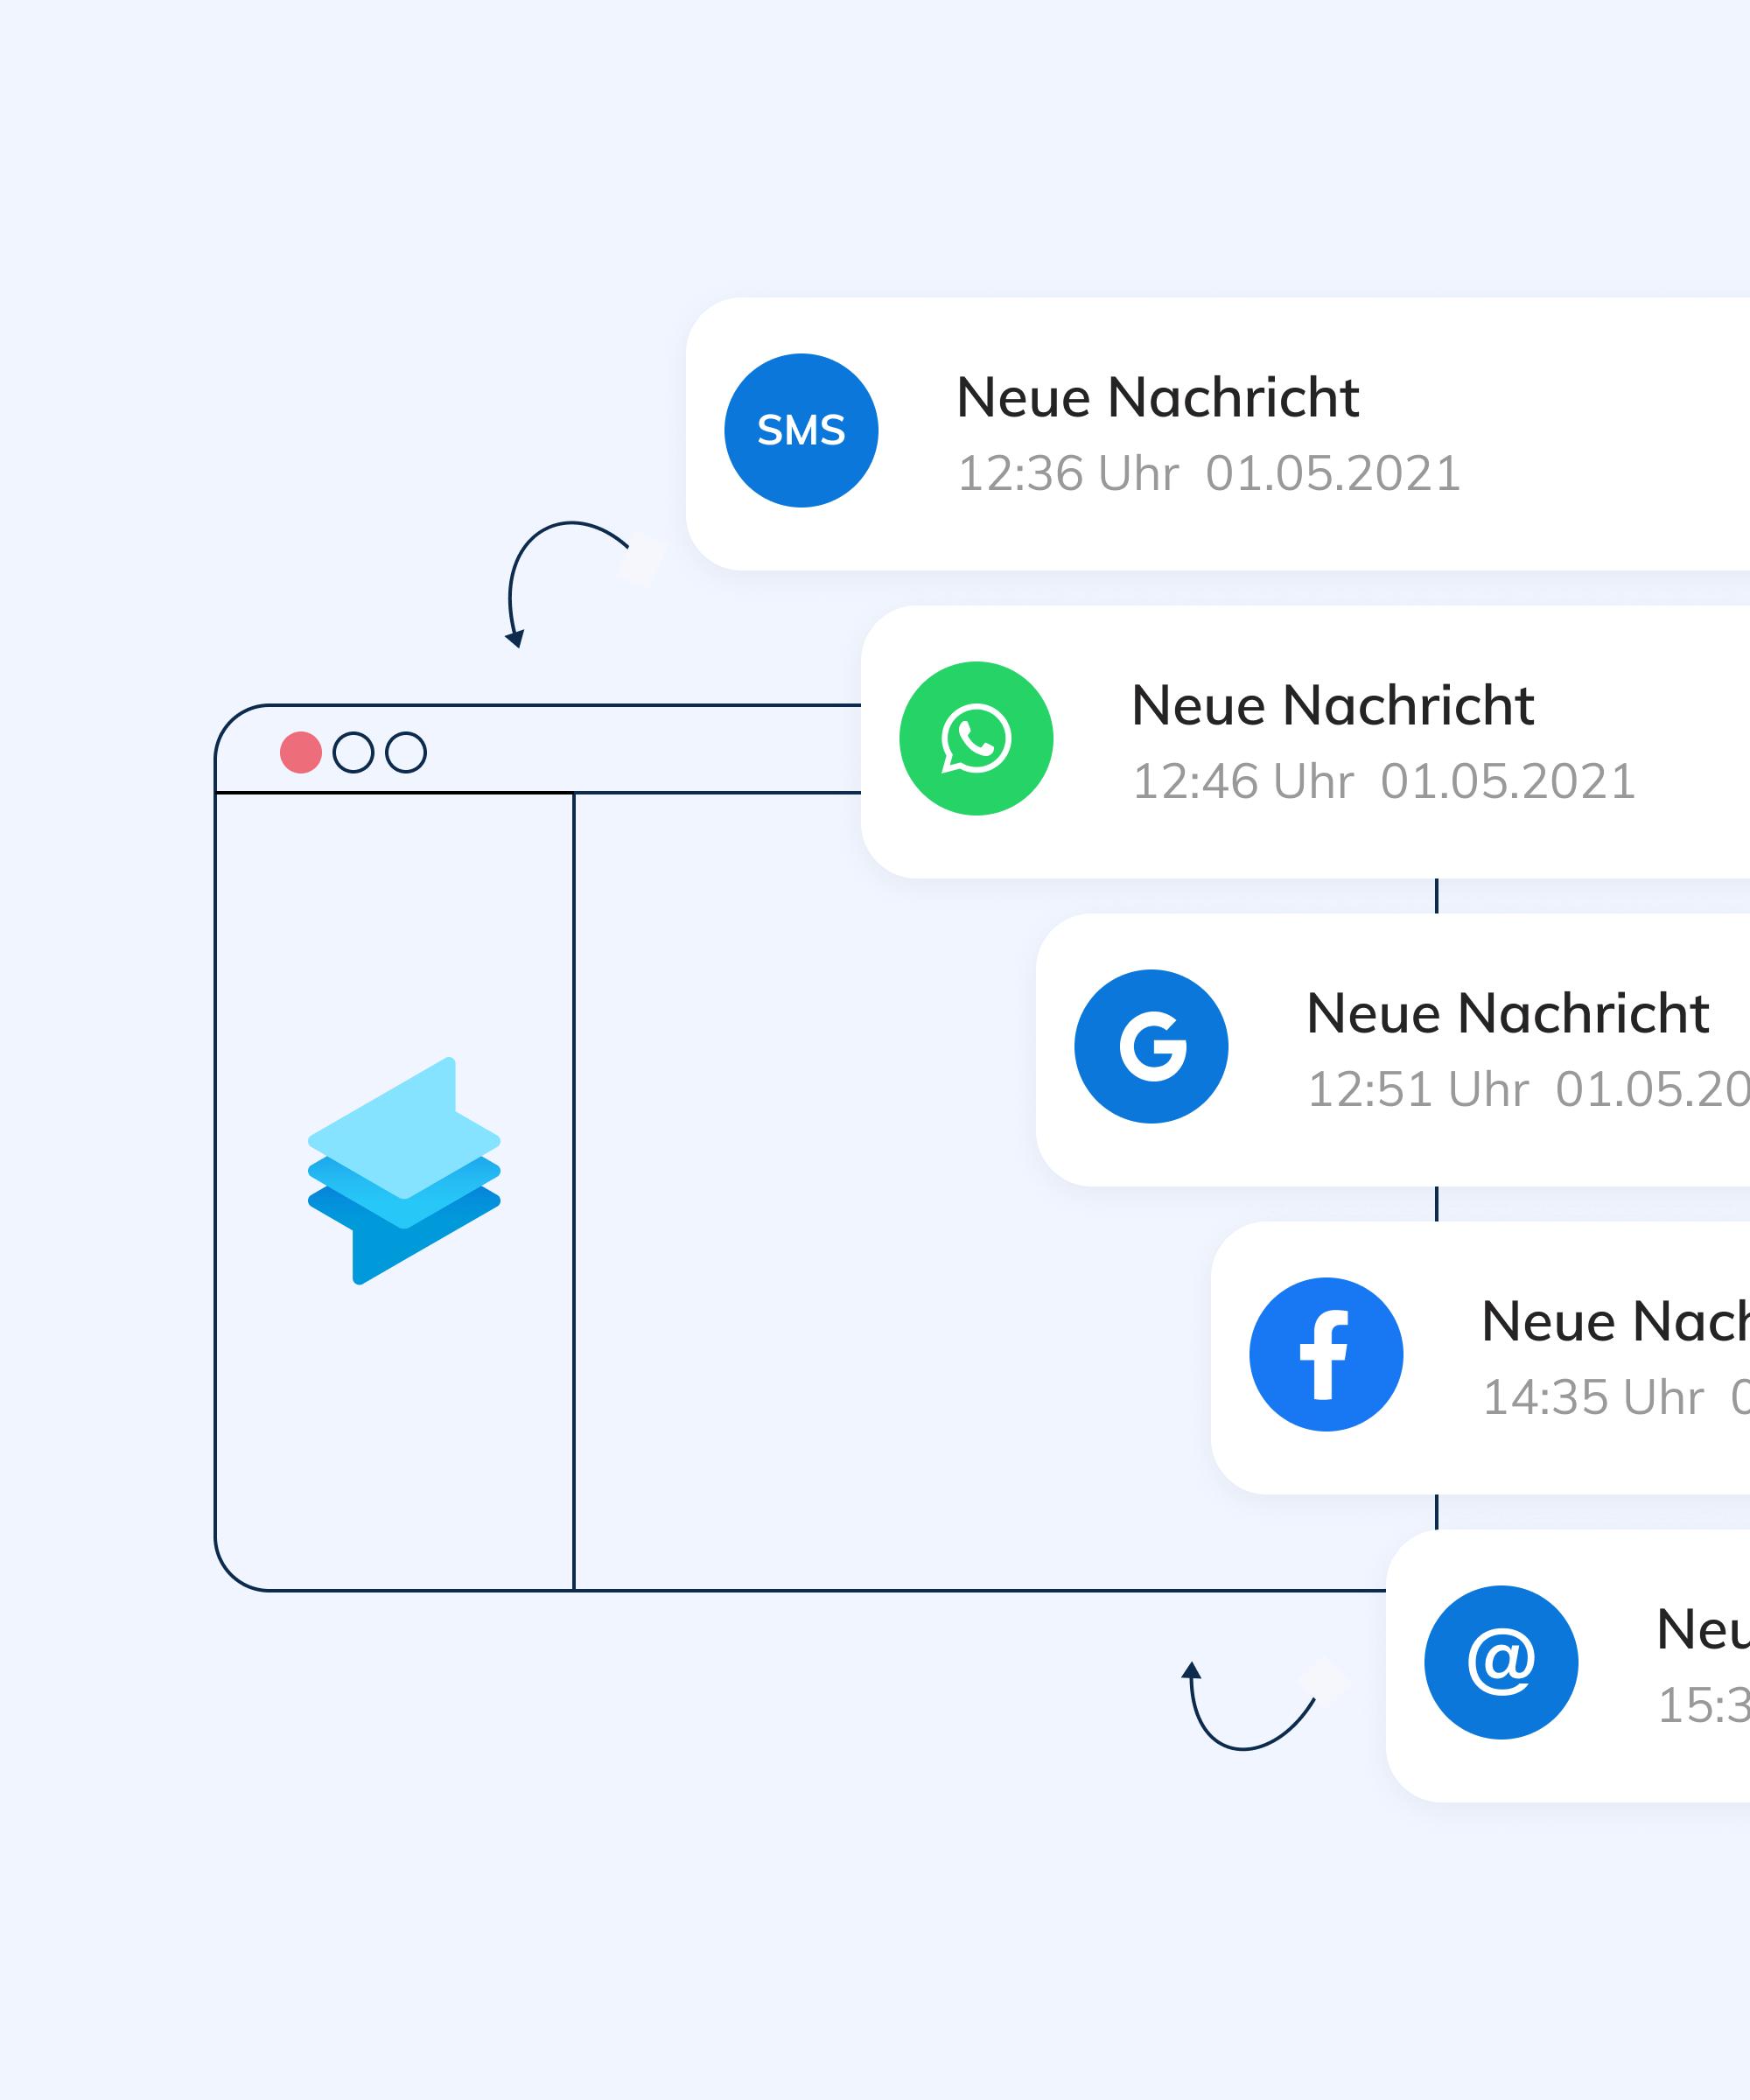 Vereinfachte Kundenkommunikation durch zusammenführung von Whatsapp, Facebook, Google My Business Chat und E-Mail in einem Programm